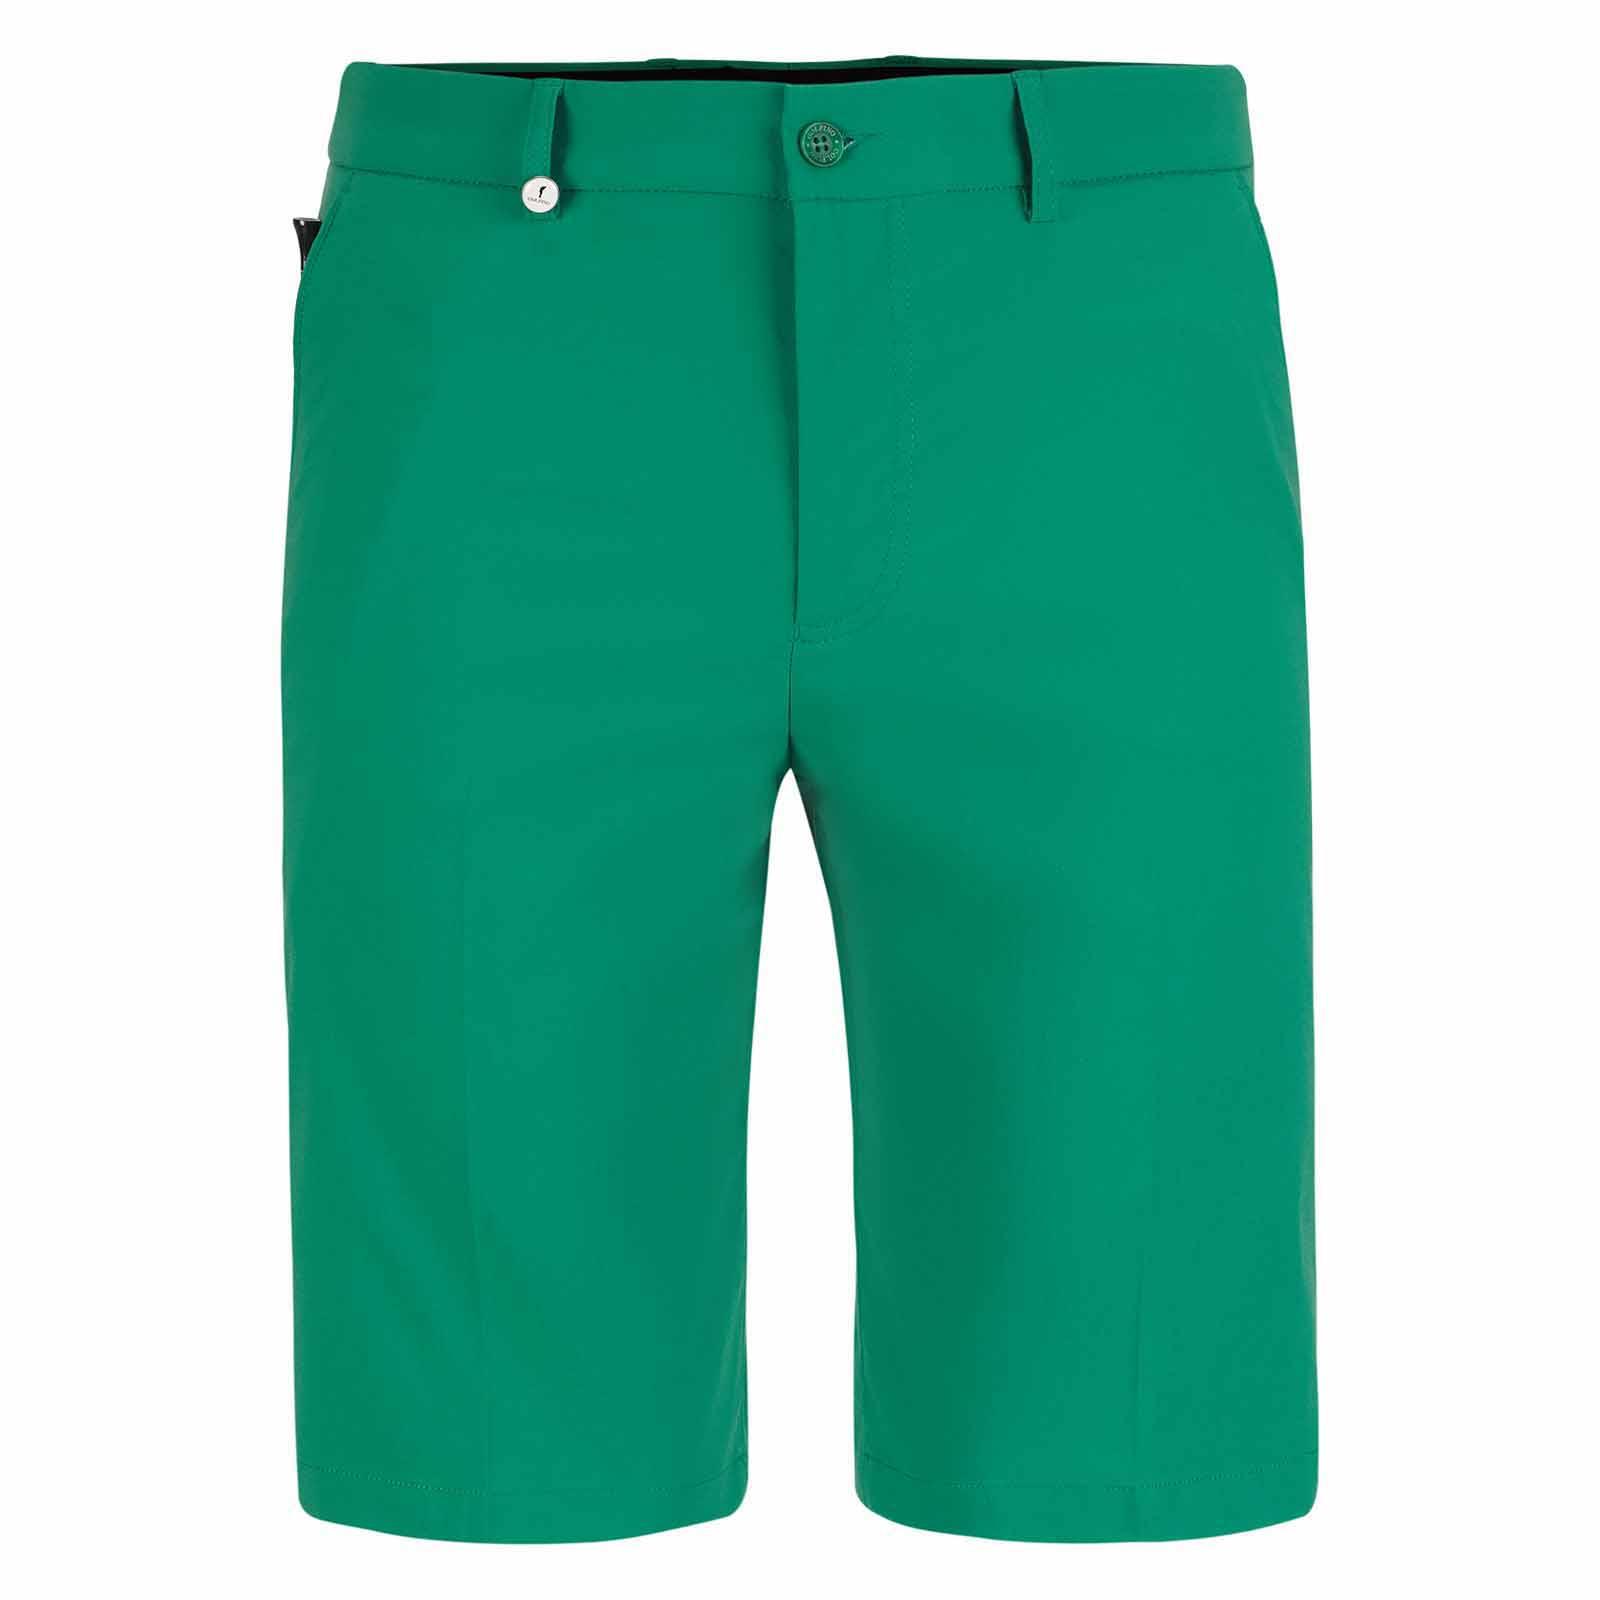 Herren Bermuda mit Extra Stretch Komfort und Sonnenschutz in Regular Fit